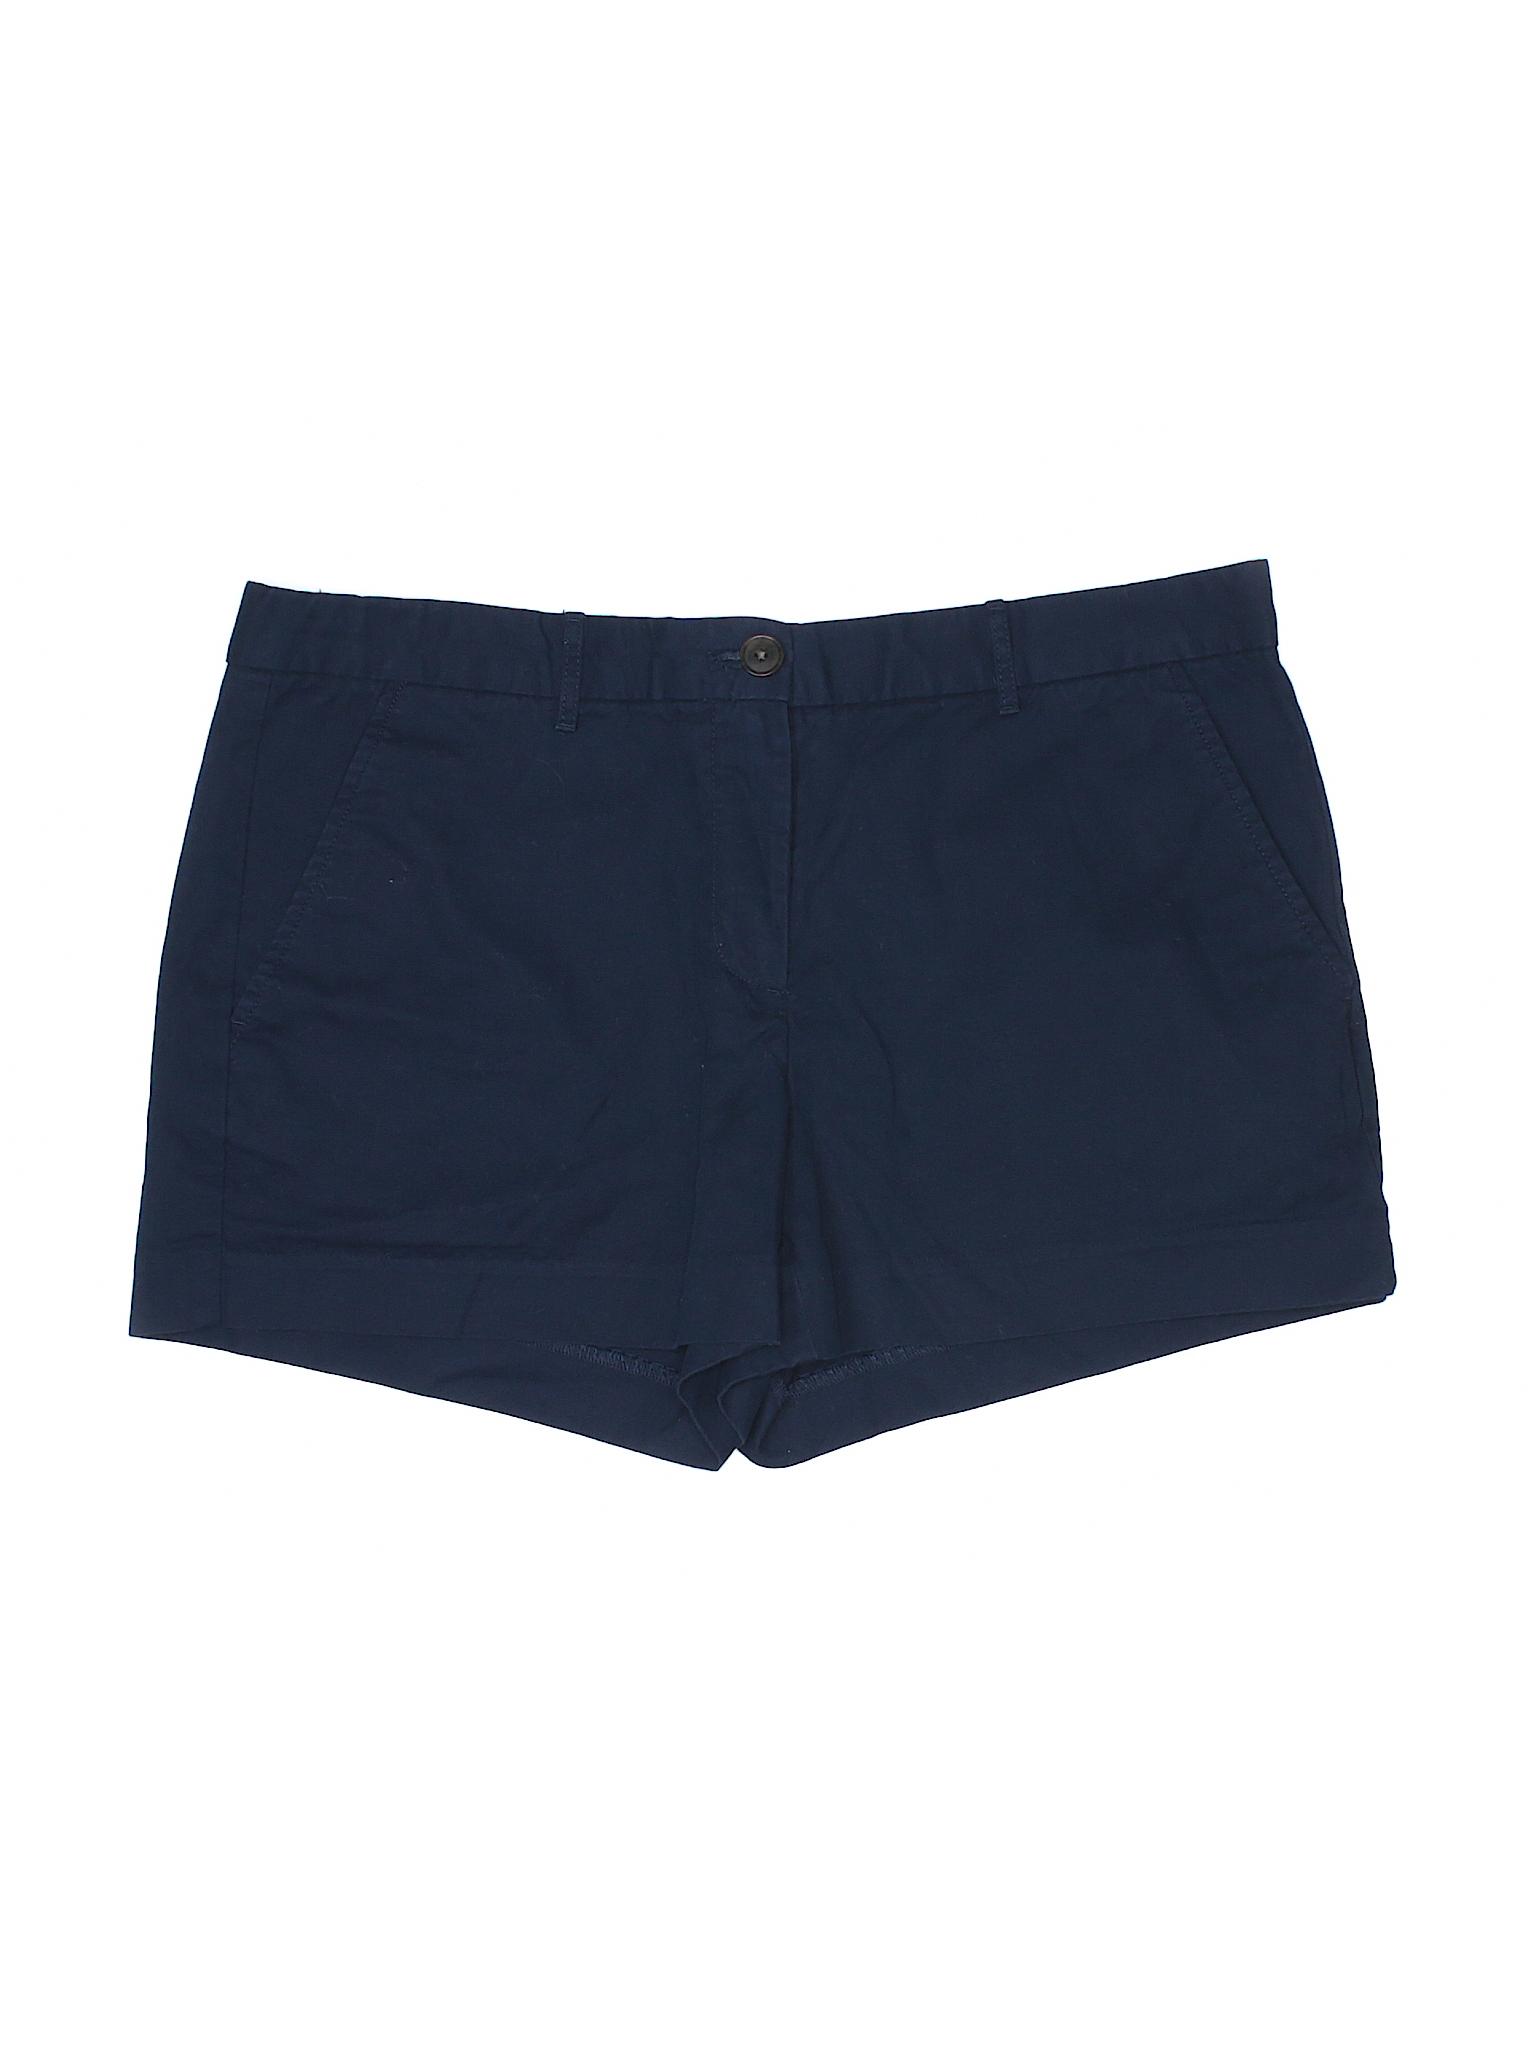 Boutique Shorts Gap Boutique Gap Shorts Gap Boutique p7Hq6